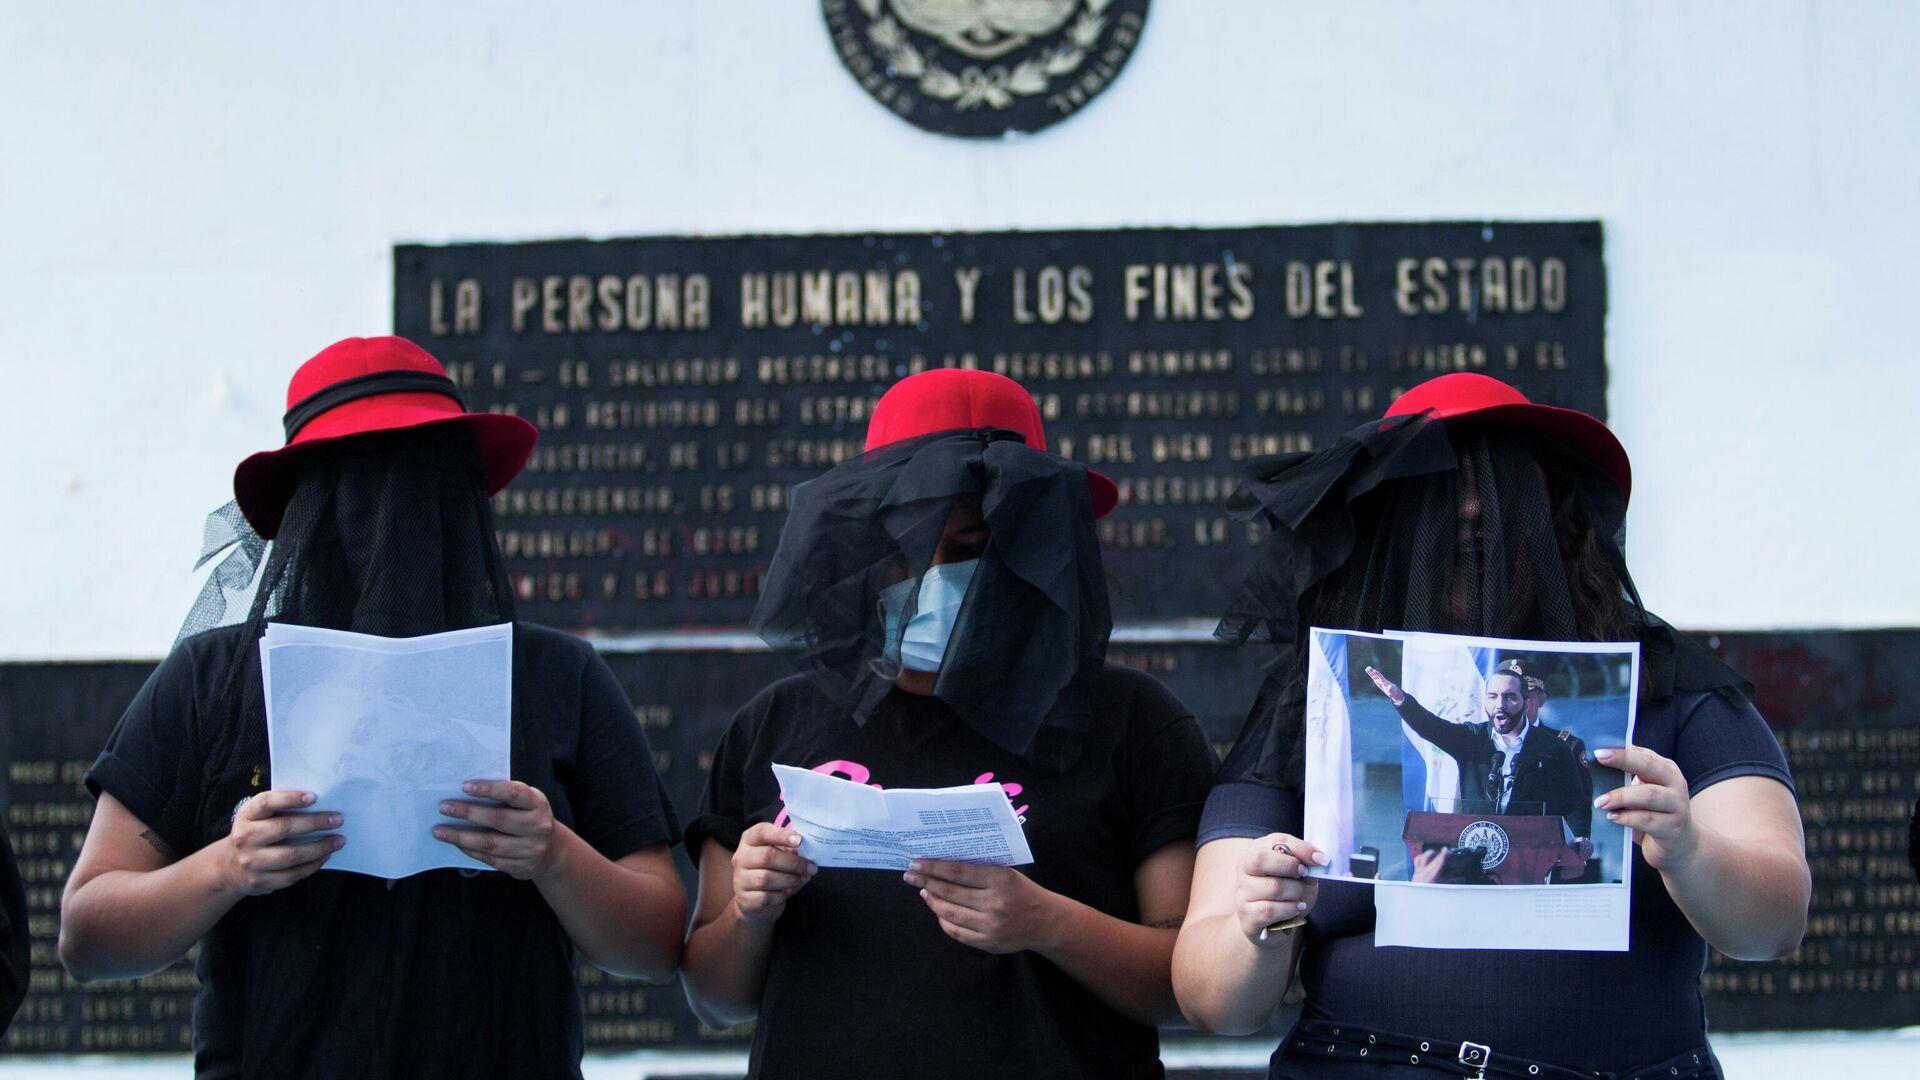 Protestas en El Salvador contra el presidente, Nayib Bukele - Sputnik Mundo, 1920, 06.09.2021